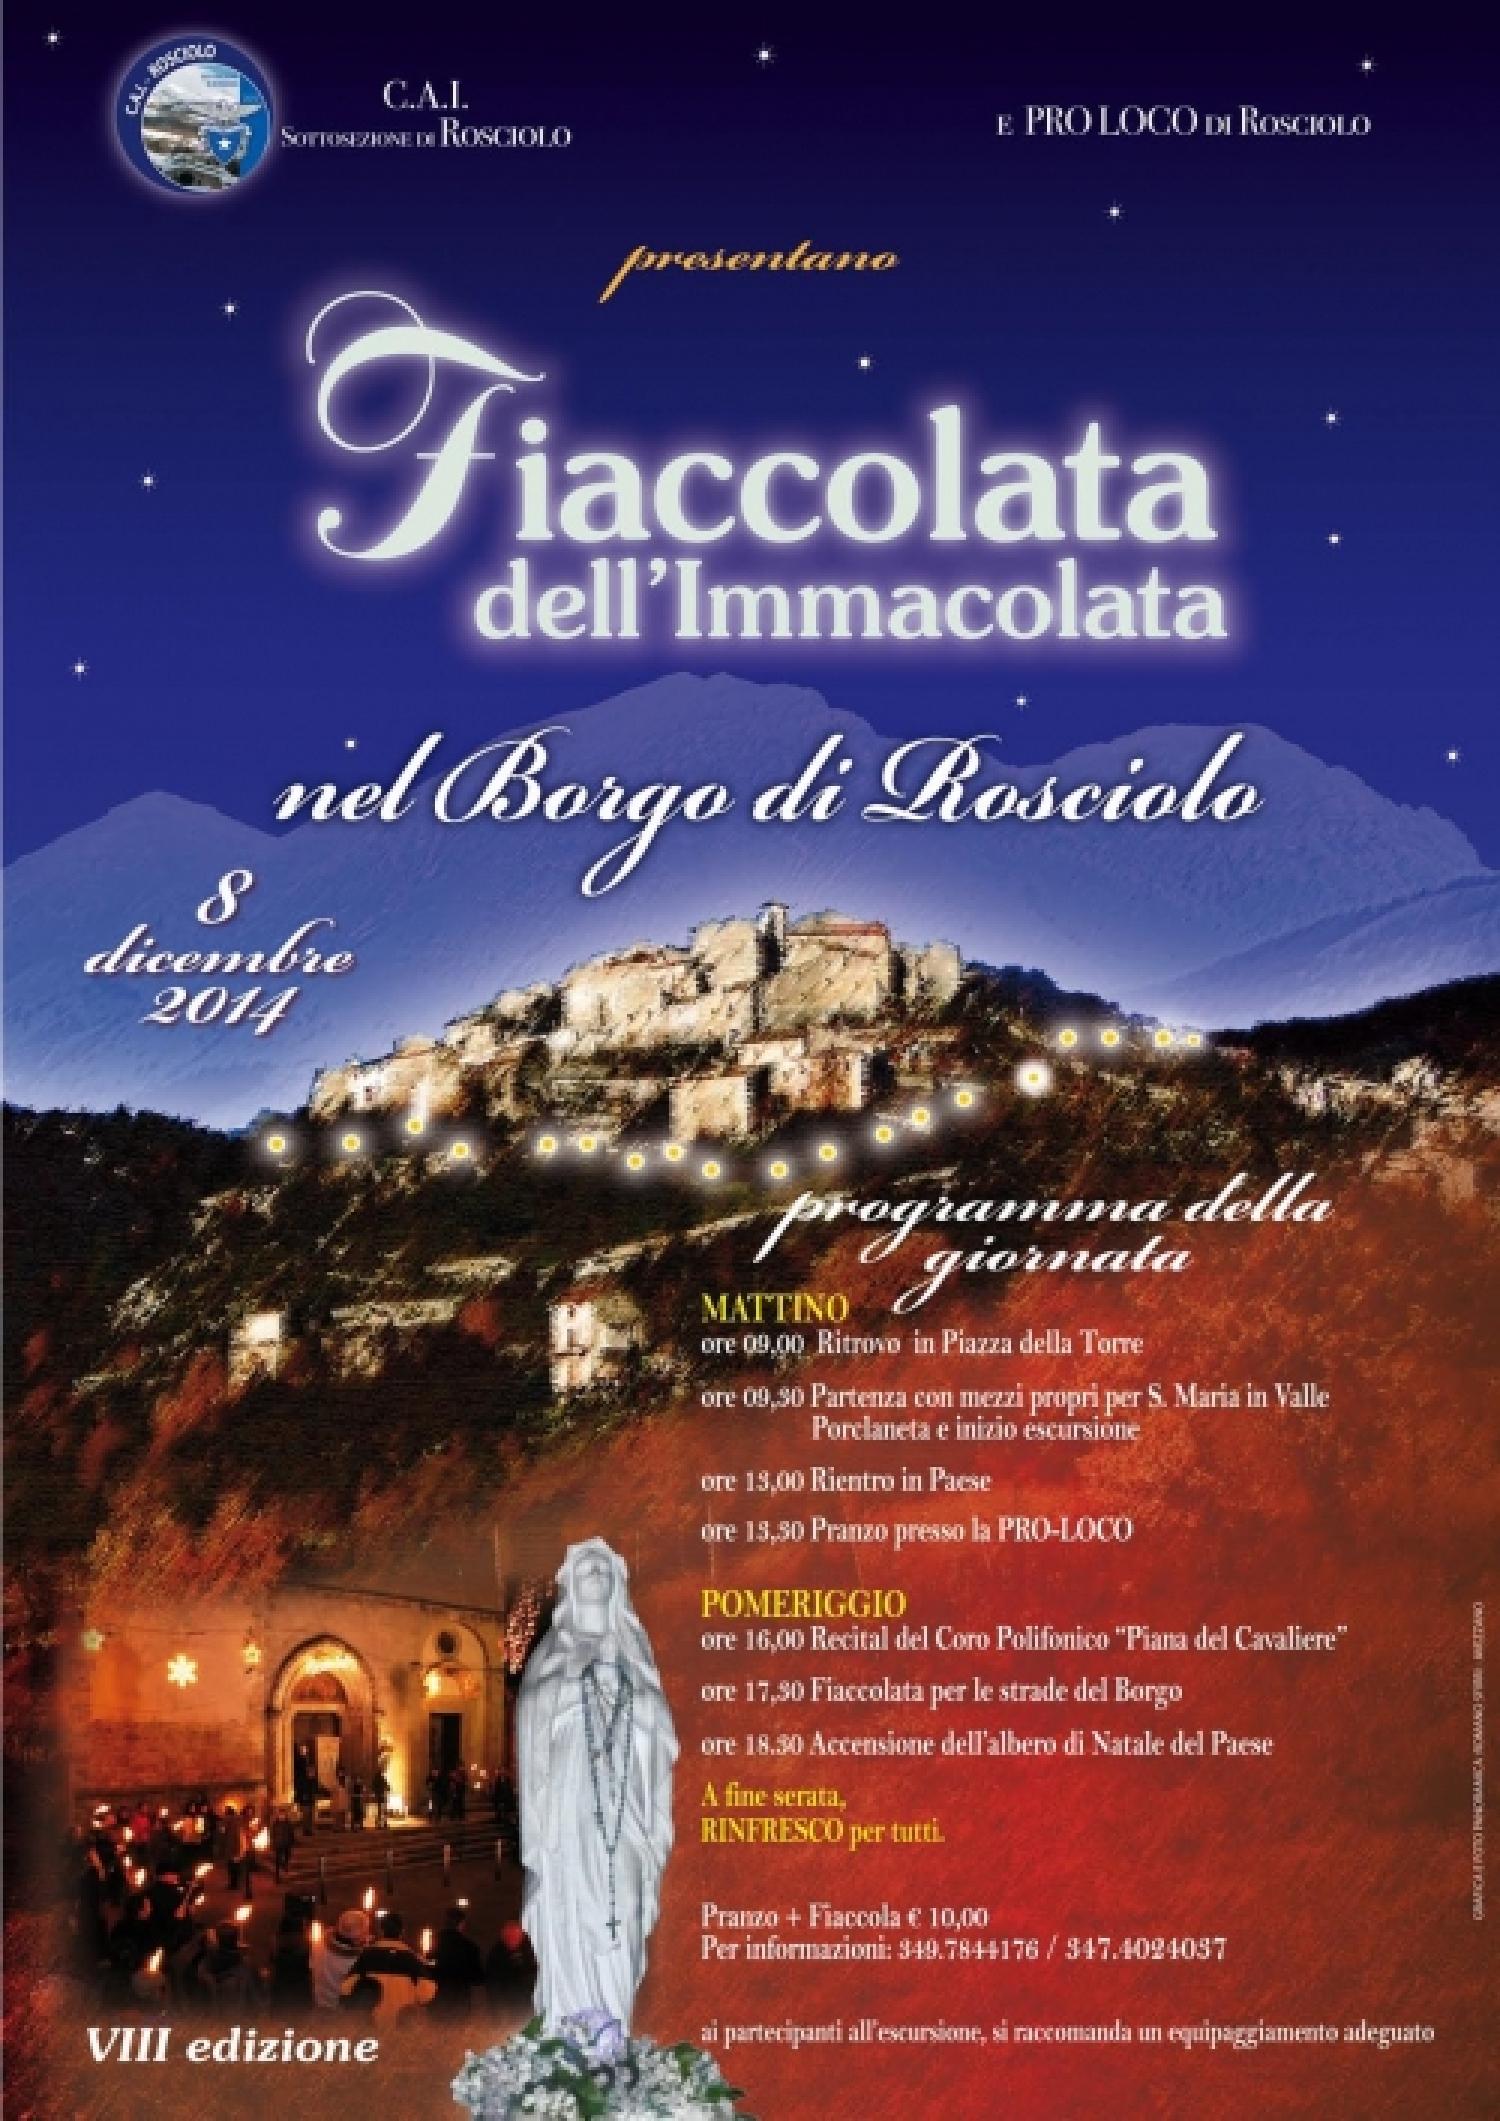 ROSCIOLO_FIACCOLATA DELL'IMMACOLATA 8 DIC. 2014.jpg